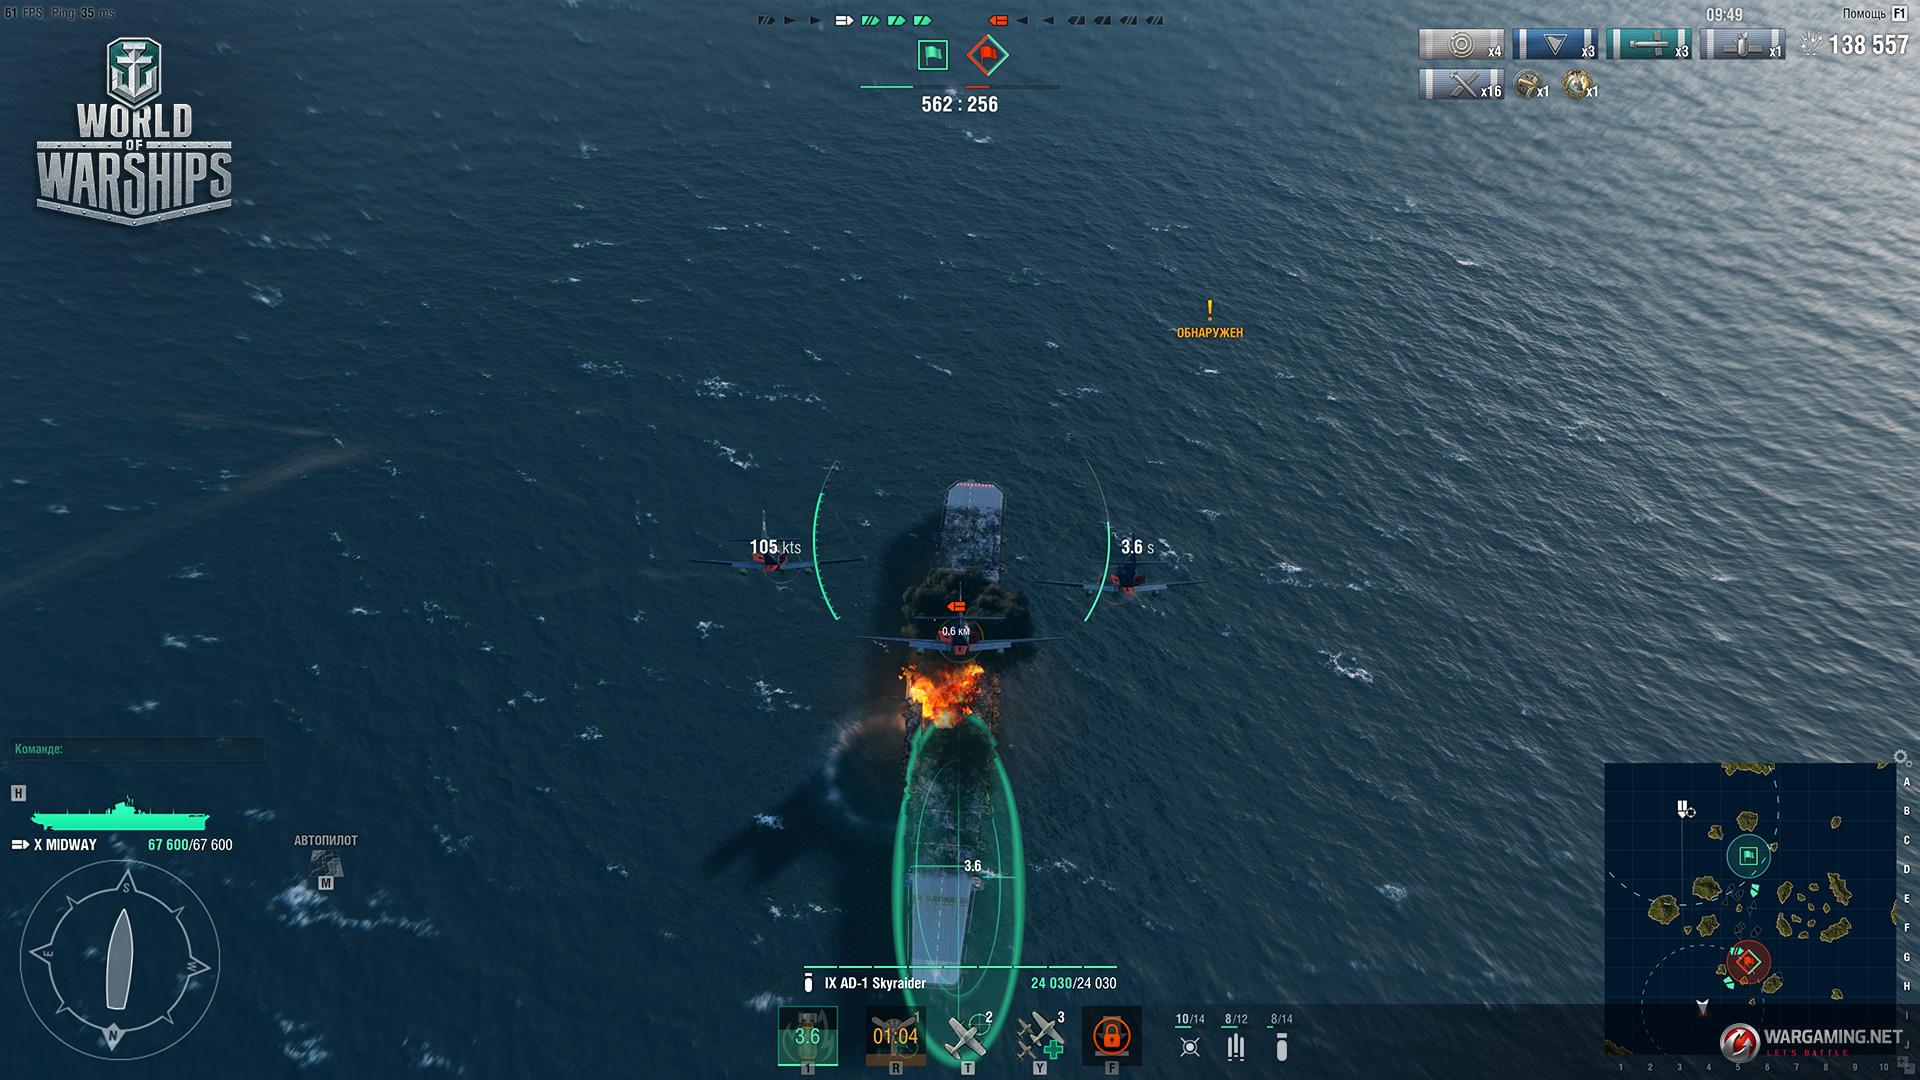 бомбардировщики world of warships